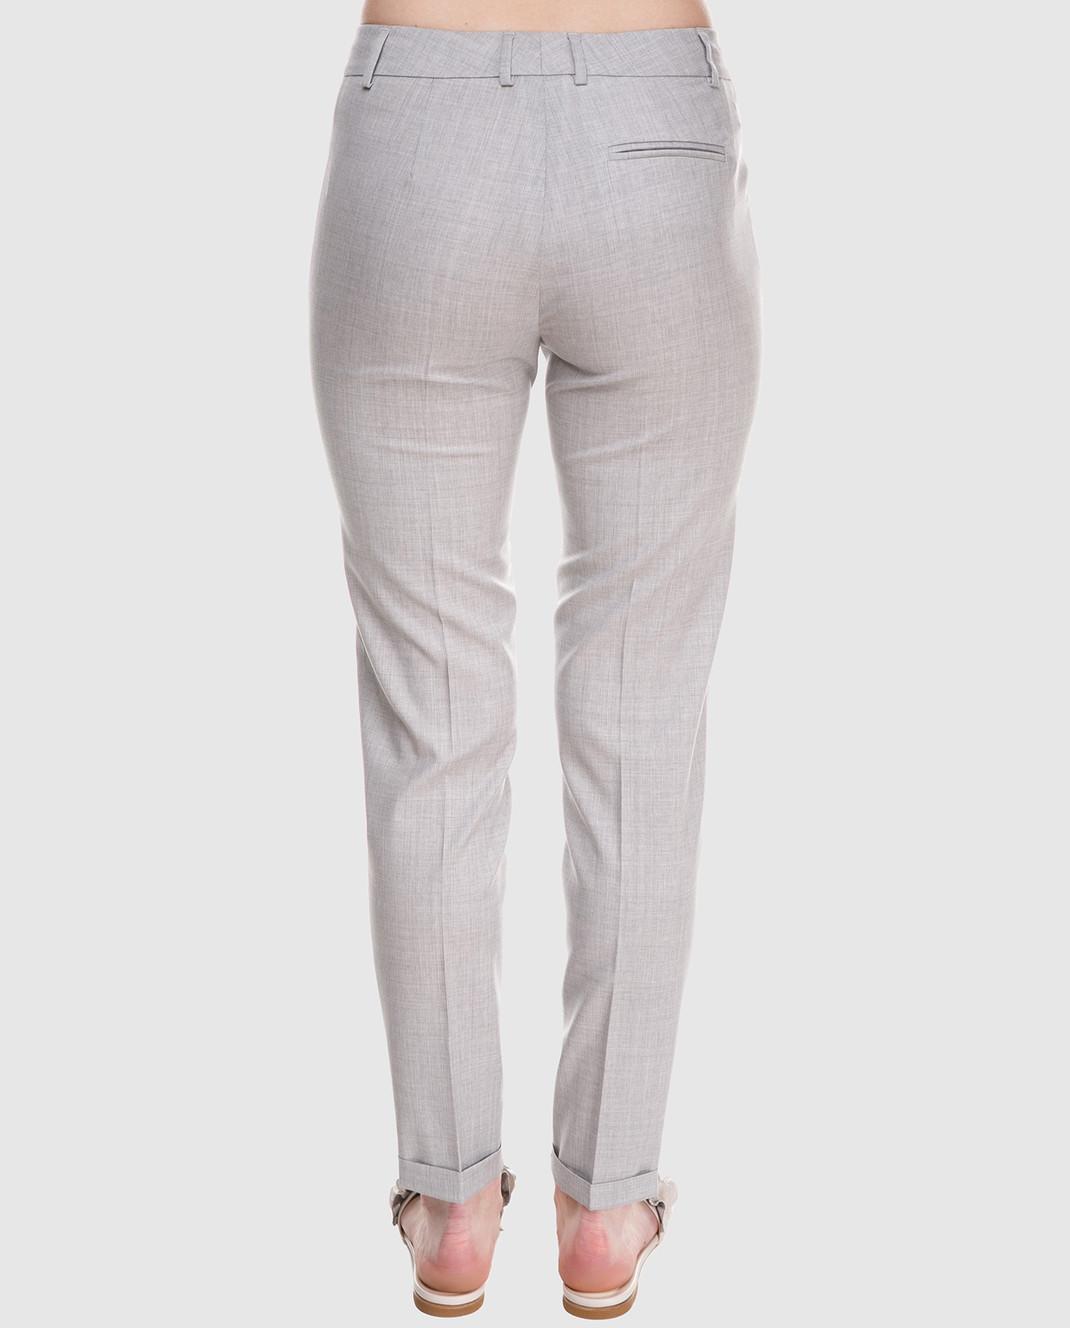 Fabiana Filippi Серые брюки из шерсти PG70118 изображение 4